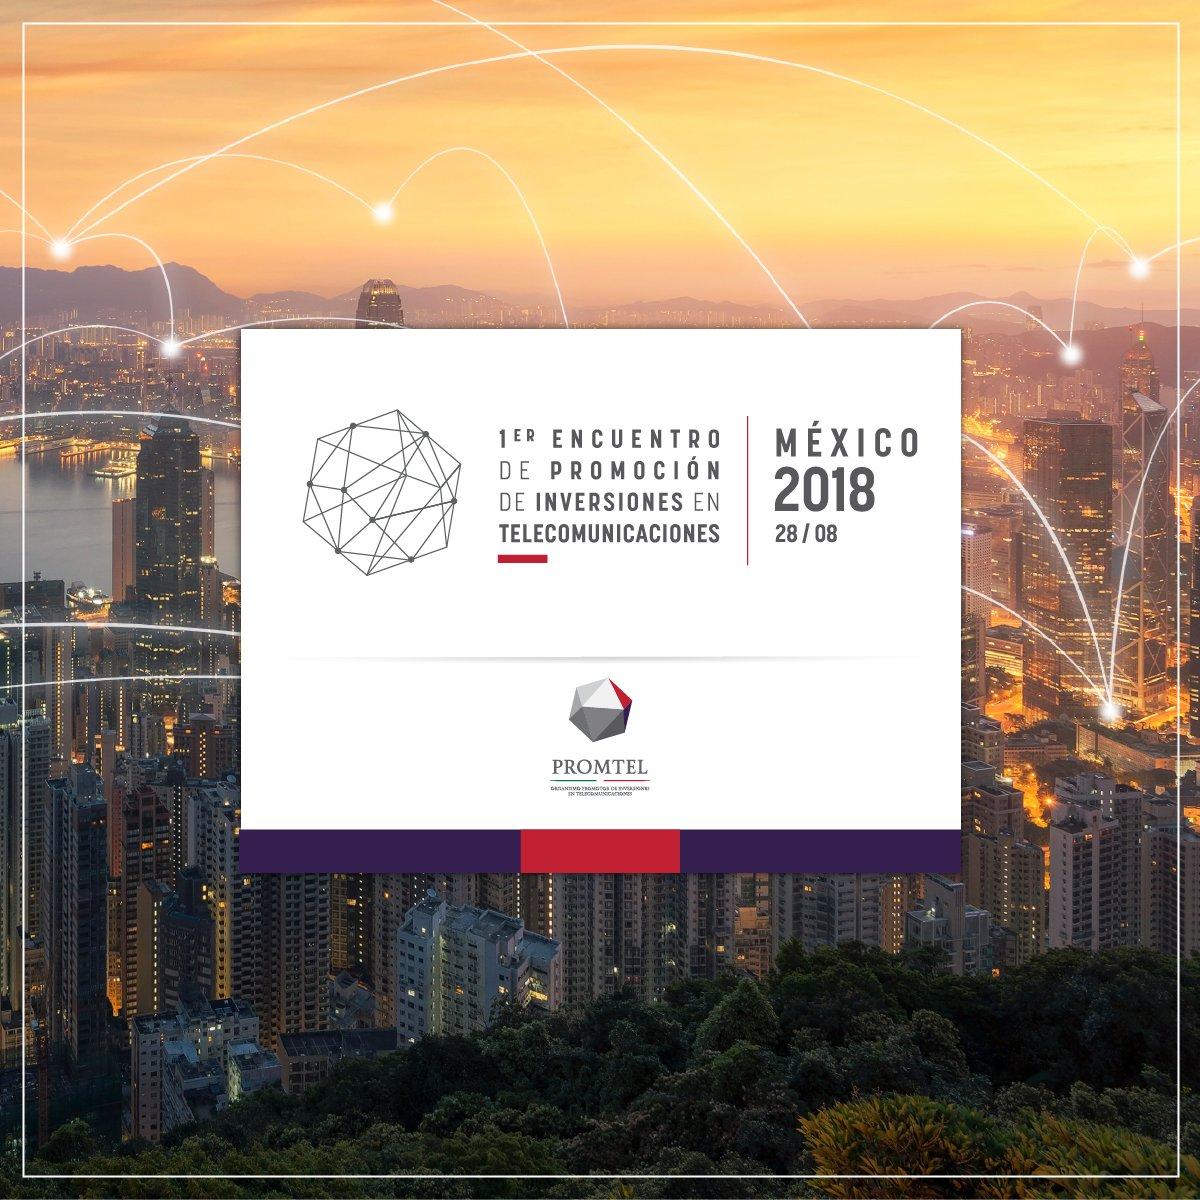 Se ve el logo del primer encuentro de promoción de inversiones en telecomunicaciones